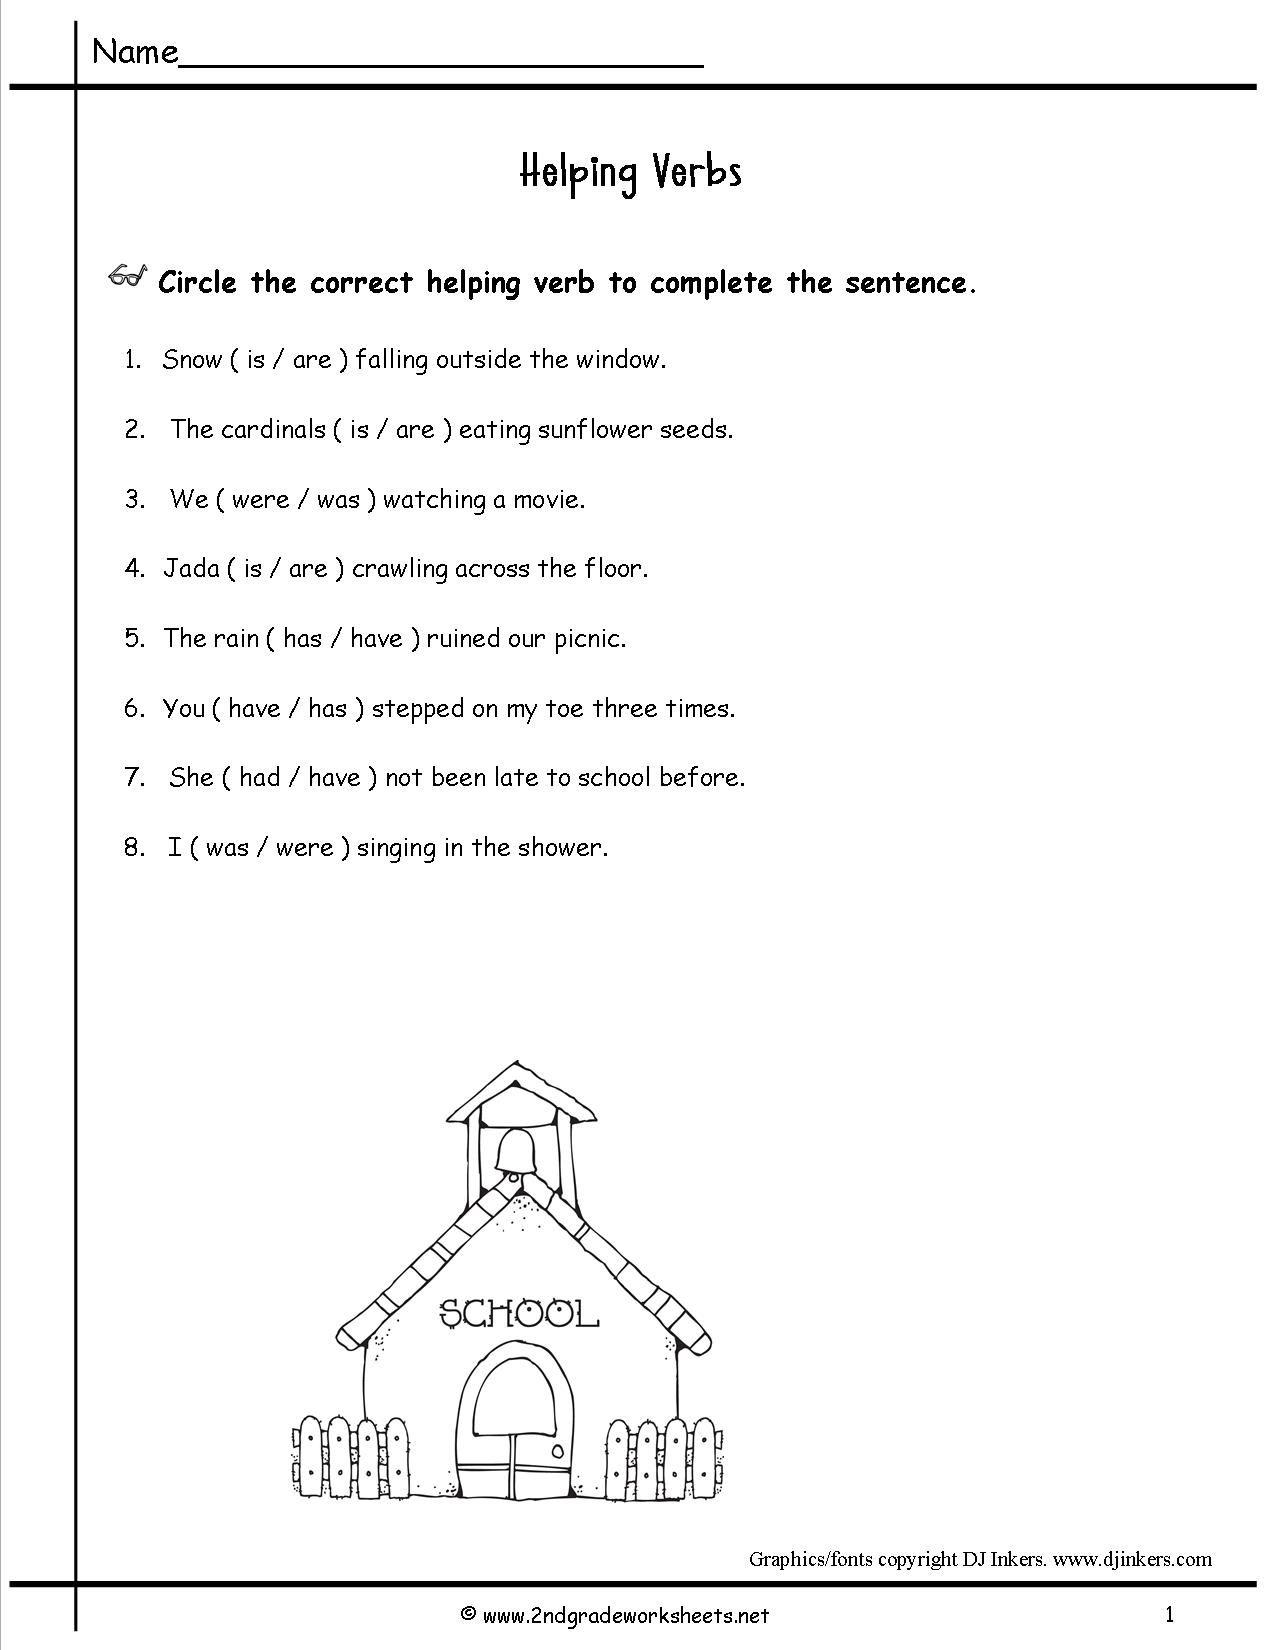 hight resolution of 2ndgradeworksheets   Helping verbs worksheet